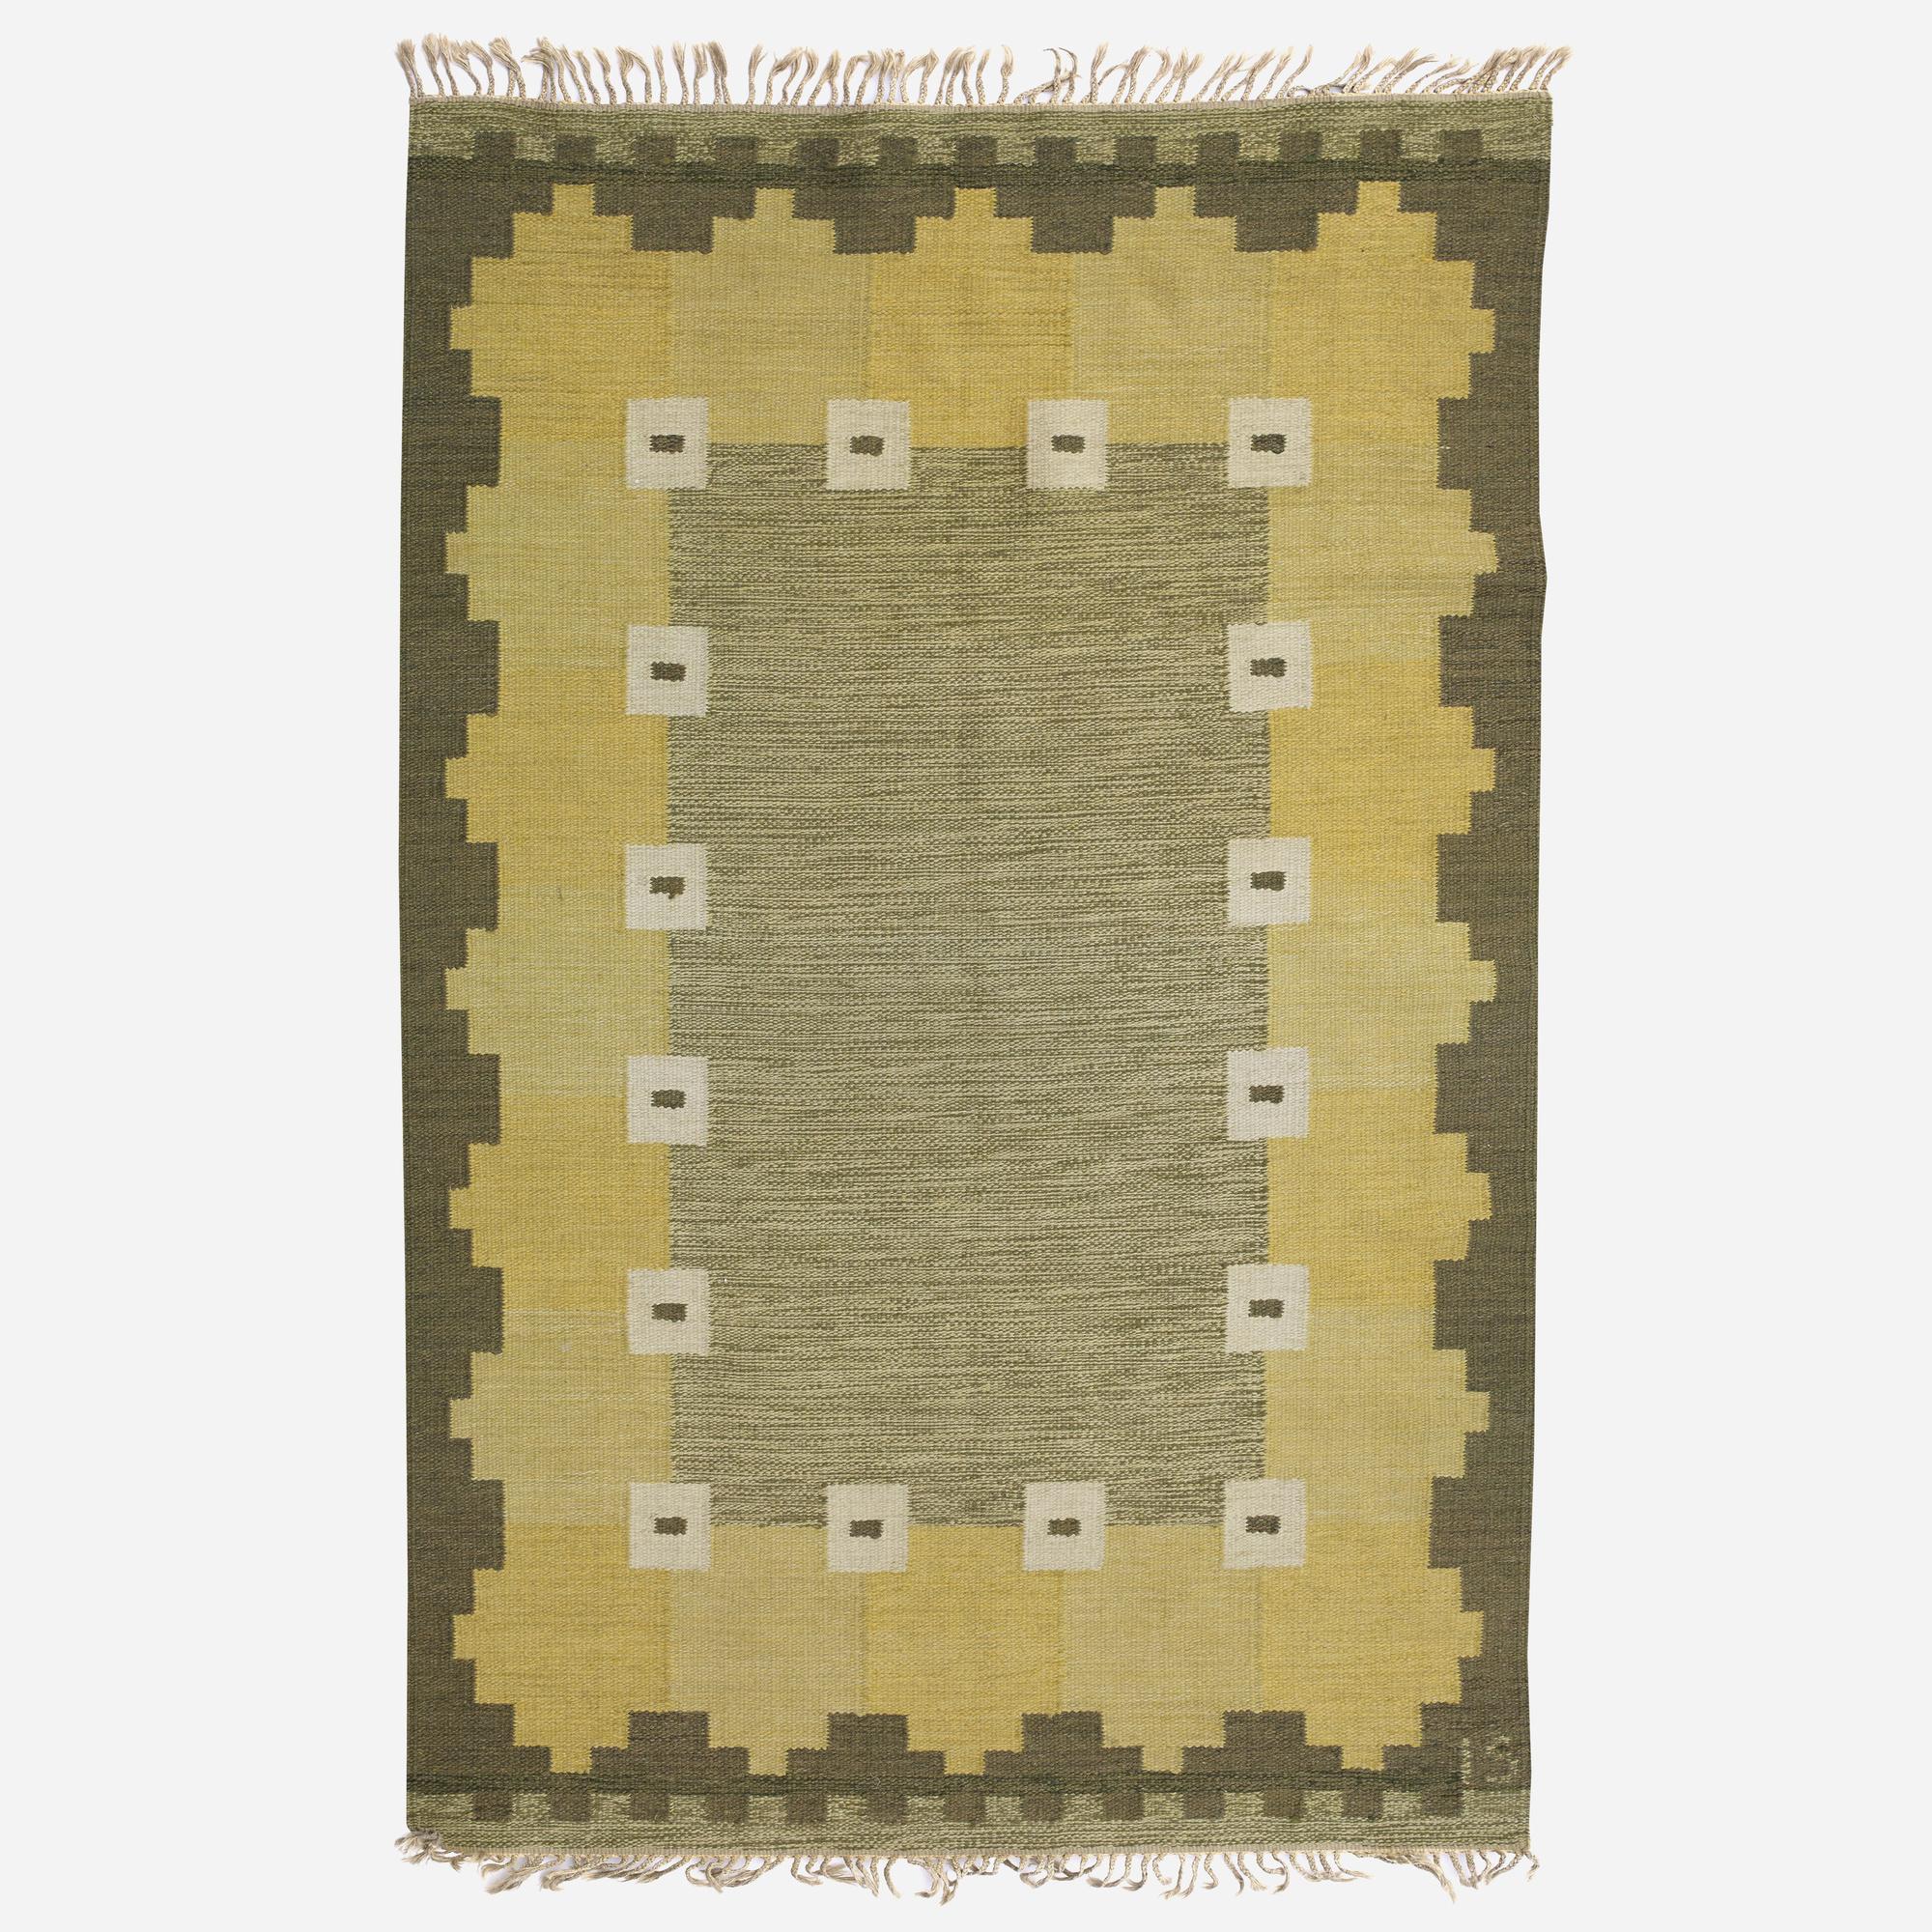 300: Ingegerd Silow / carpet (1 of 1)